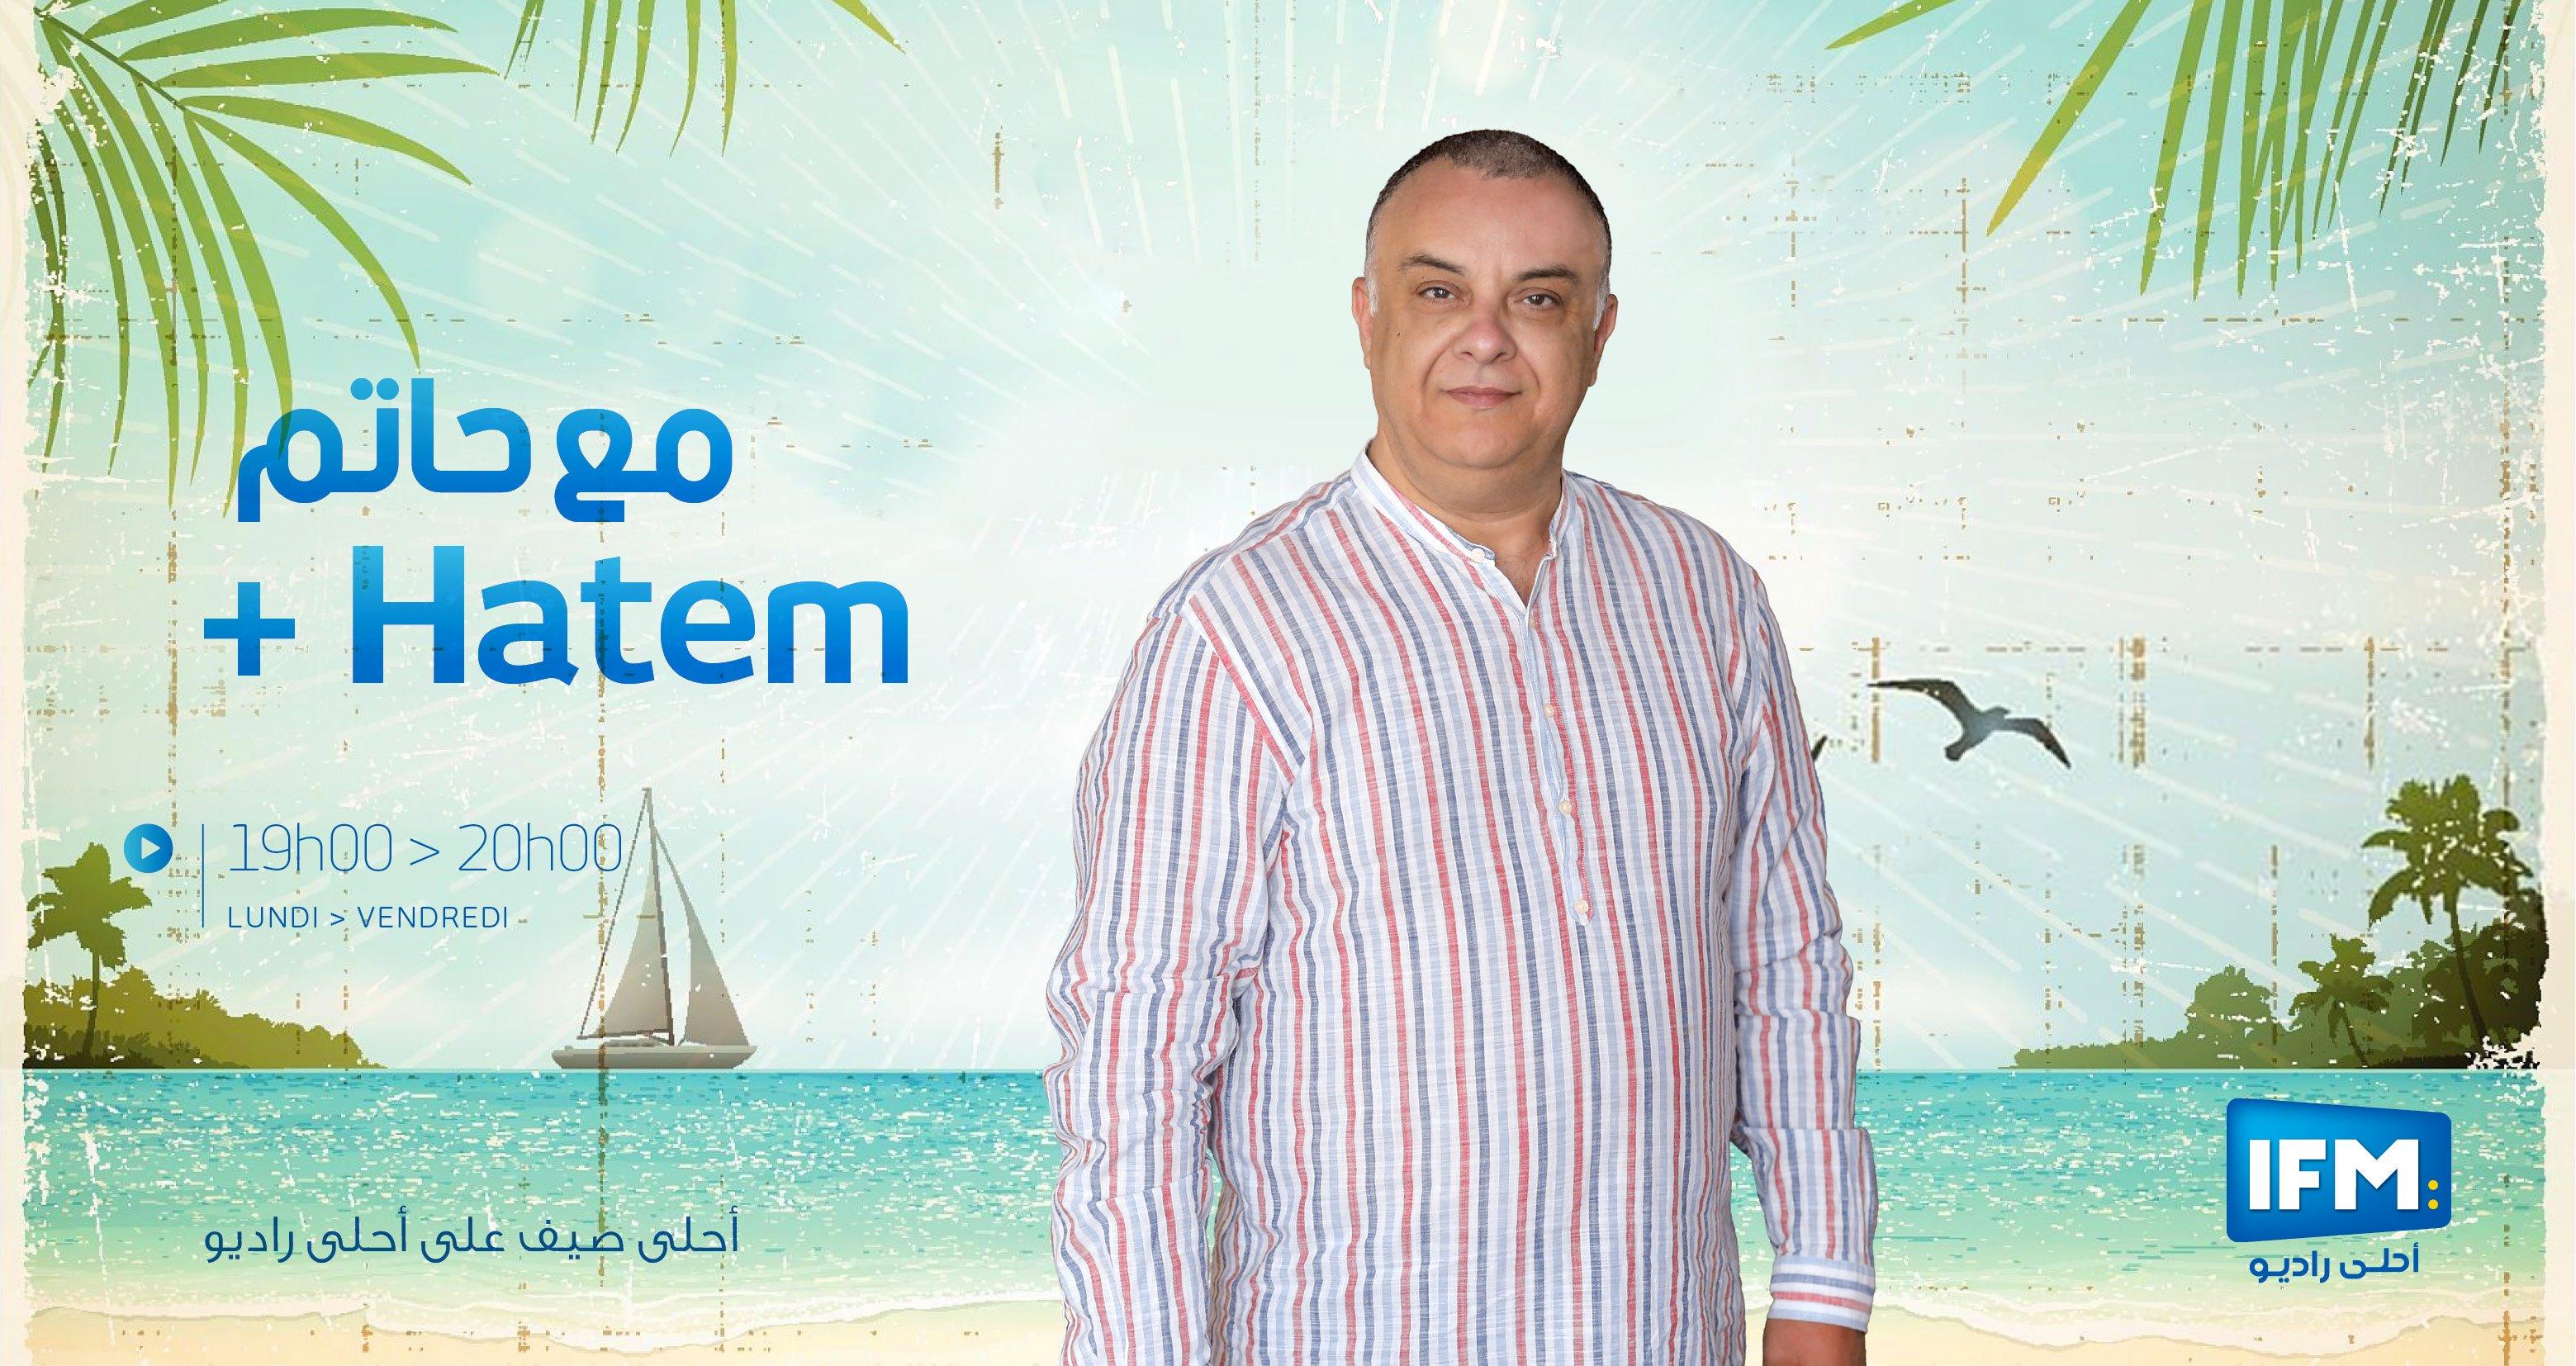 Maa Hatem M3a Hatem du 29 juillet 2020